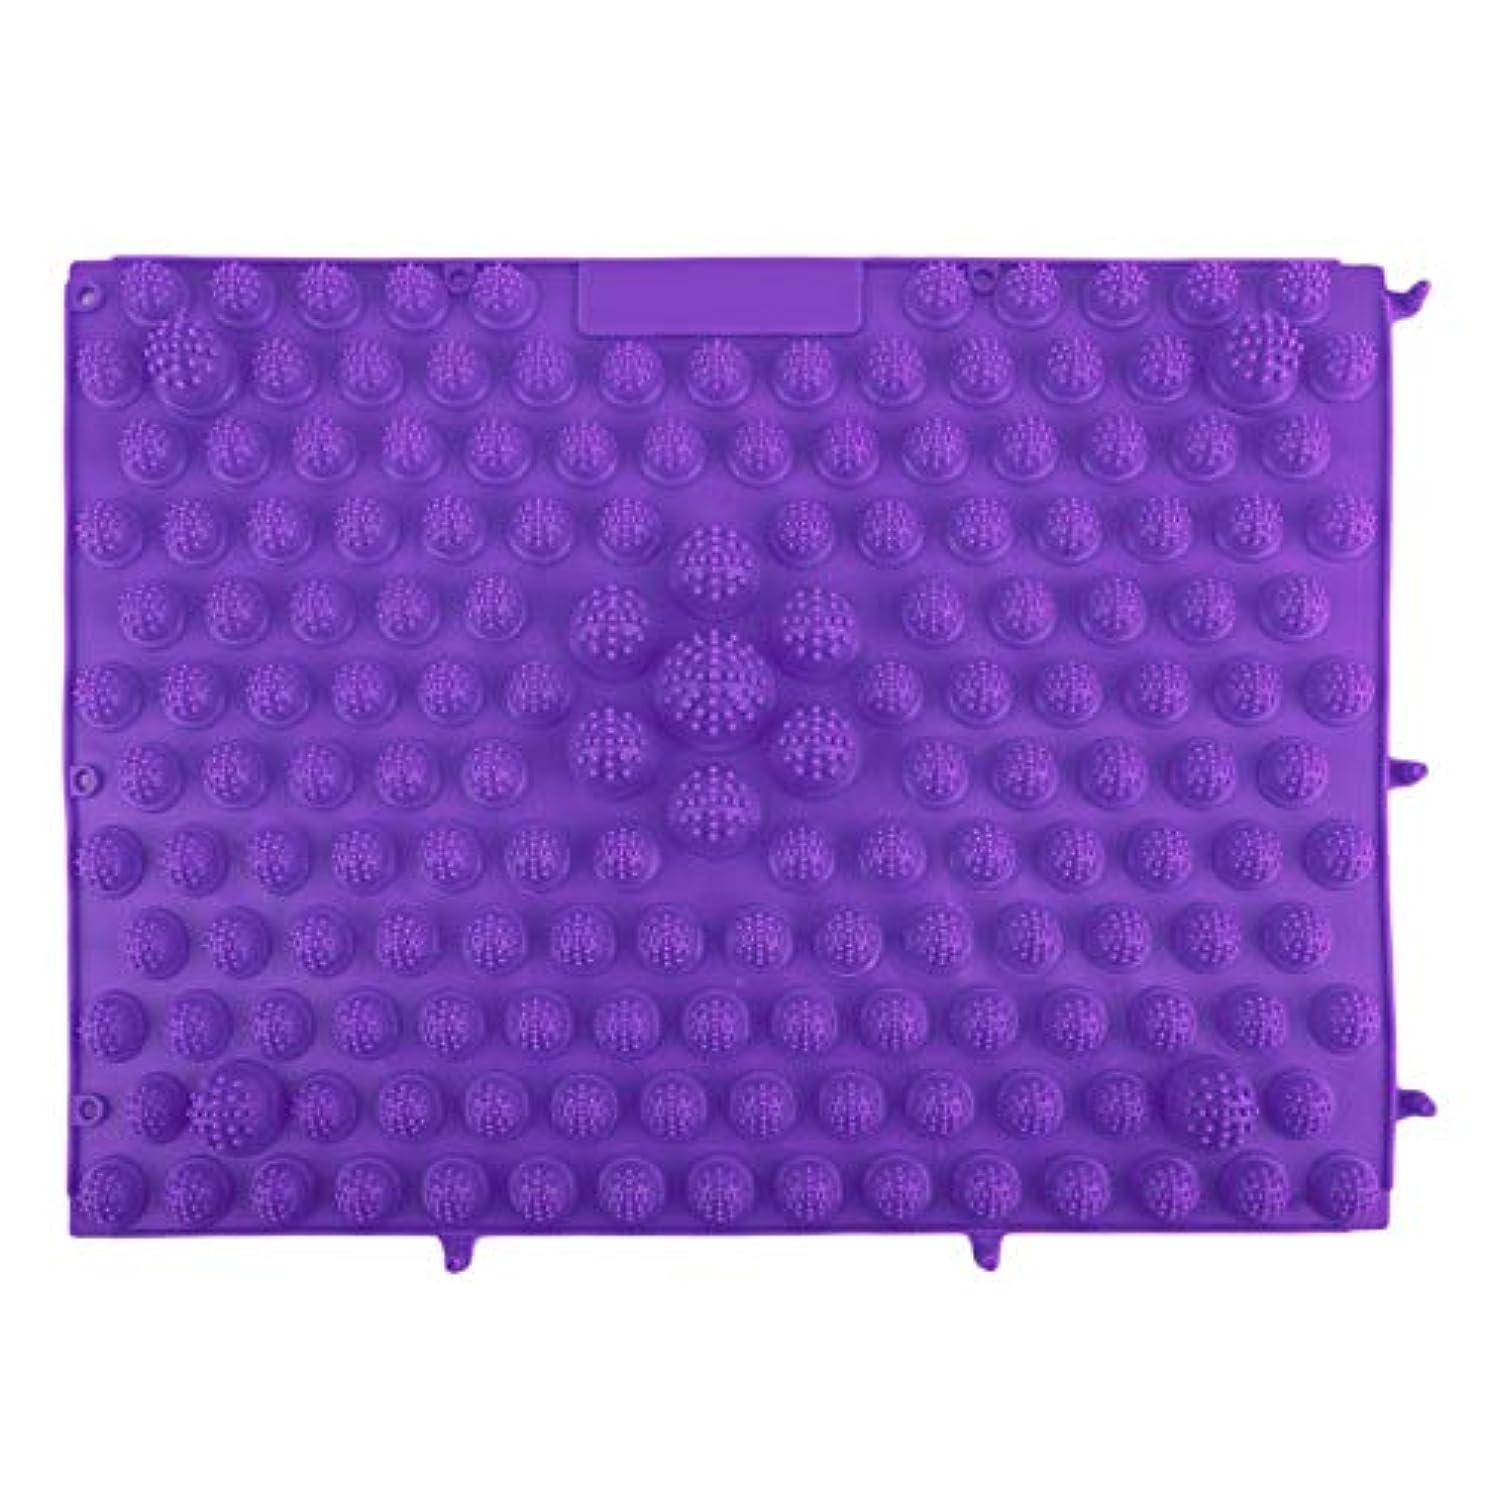 下品性的に対処する韓国風フットマッサージパッドTPEモダン指圧リフレクソロジーマット鍼灸敷物疲労緩和促進循環 - 紫色